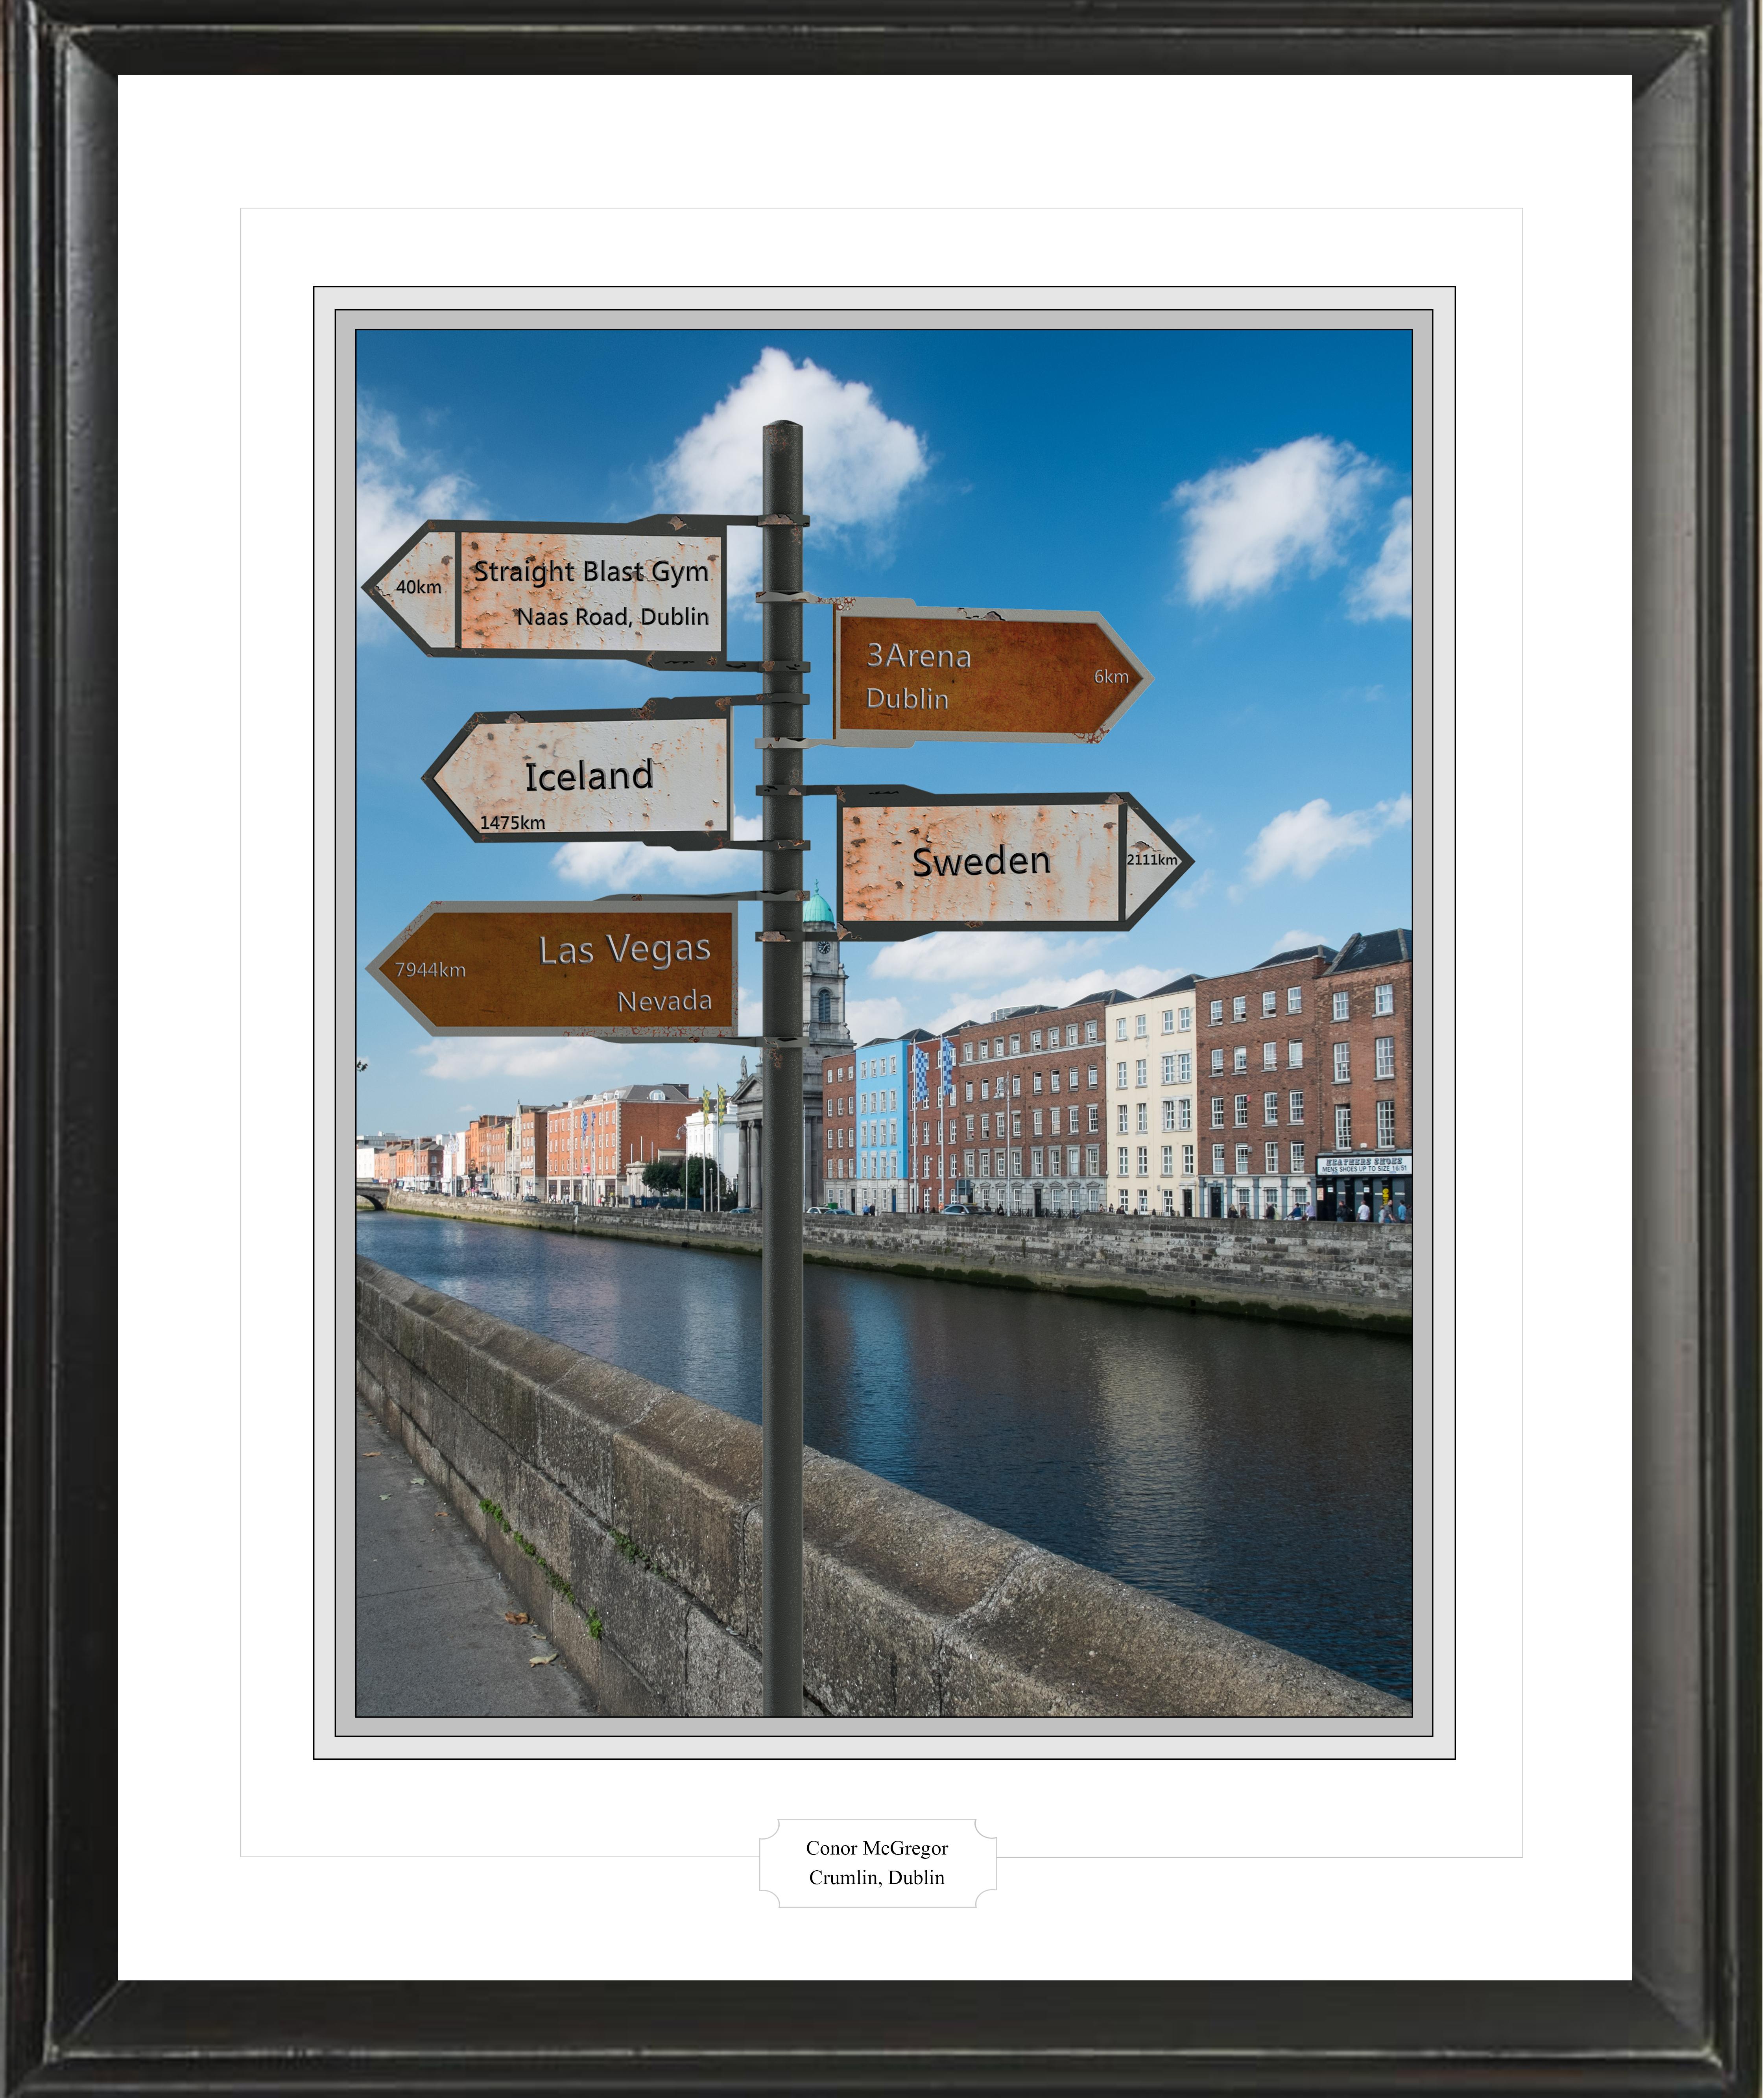 Conor McGregor's Irish signpost picture